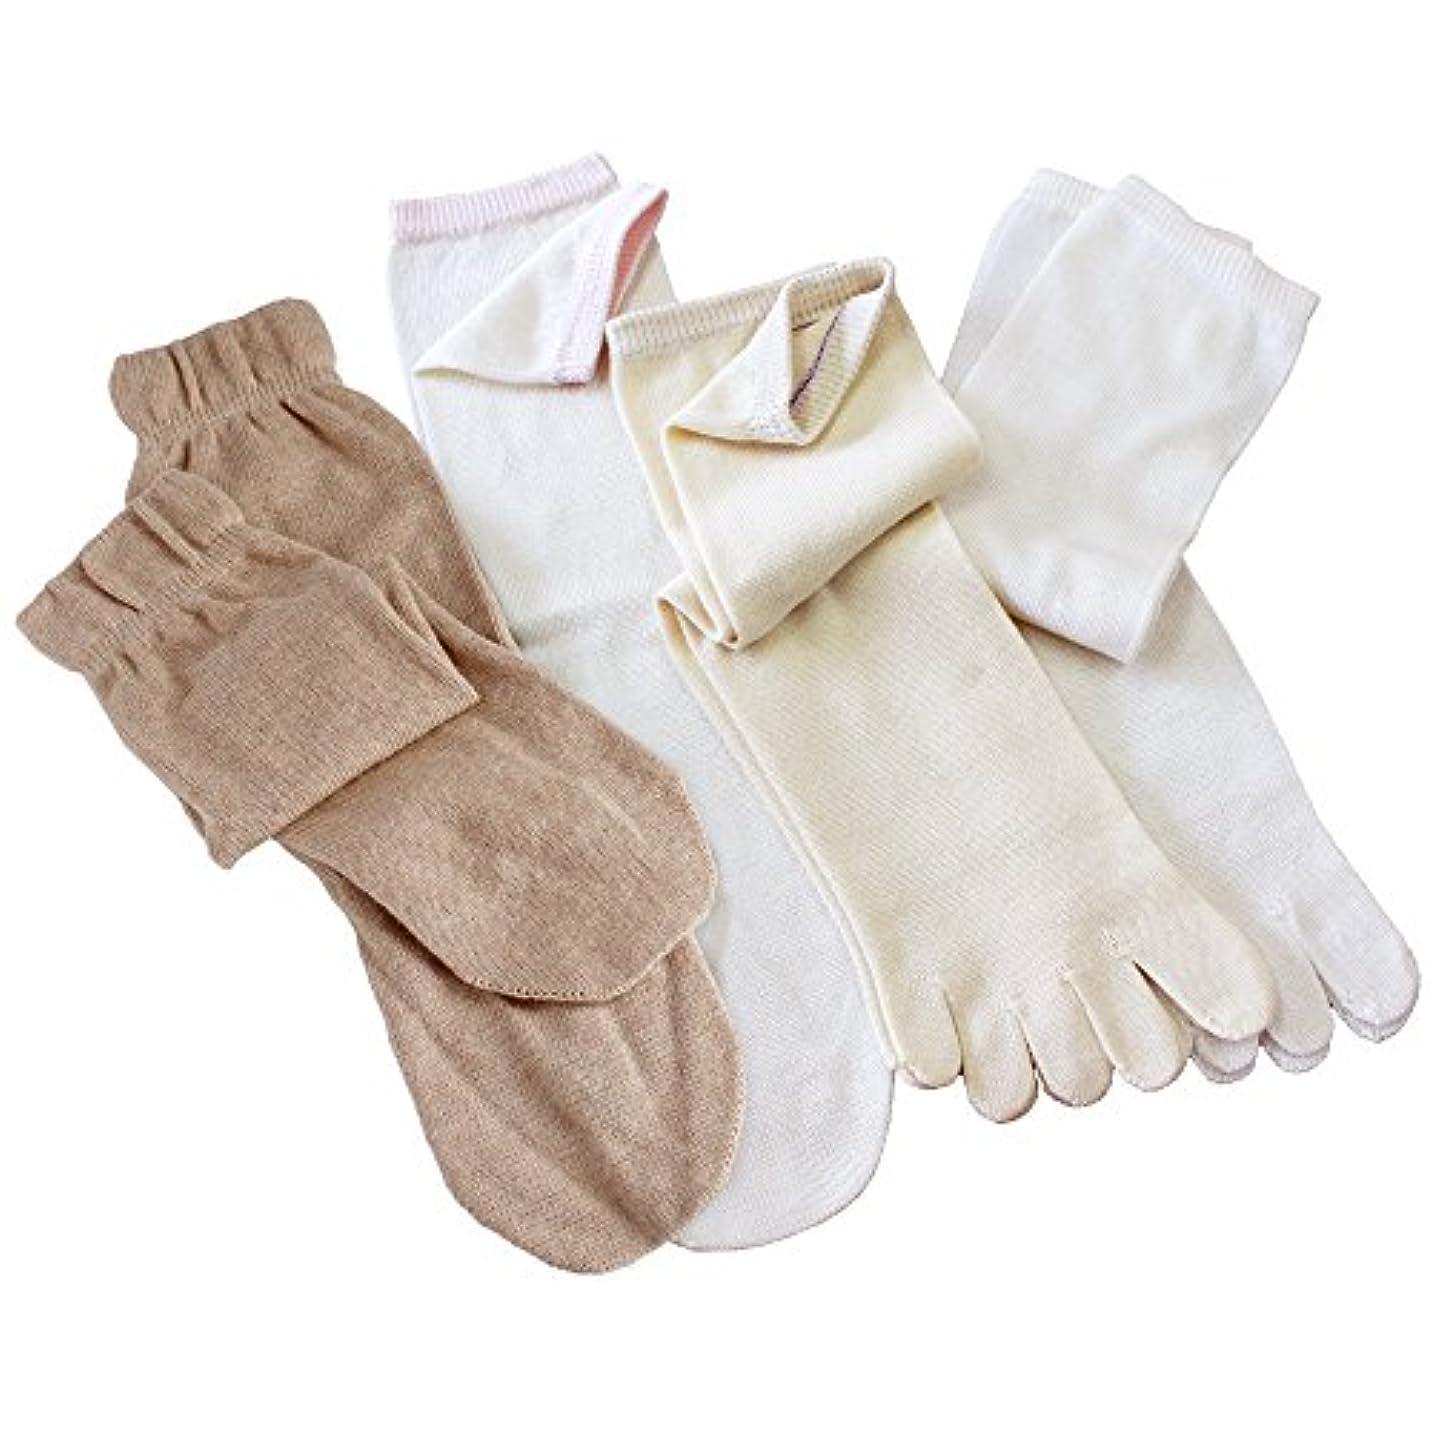 背が高いハシー高原hiorie(ヒオリエ) 日本製 冷えとり靴下 シルク&コットン 5本指ソックス(重ねばき専用 4足セット) 正絹 綿